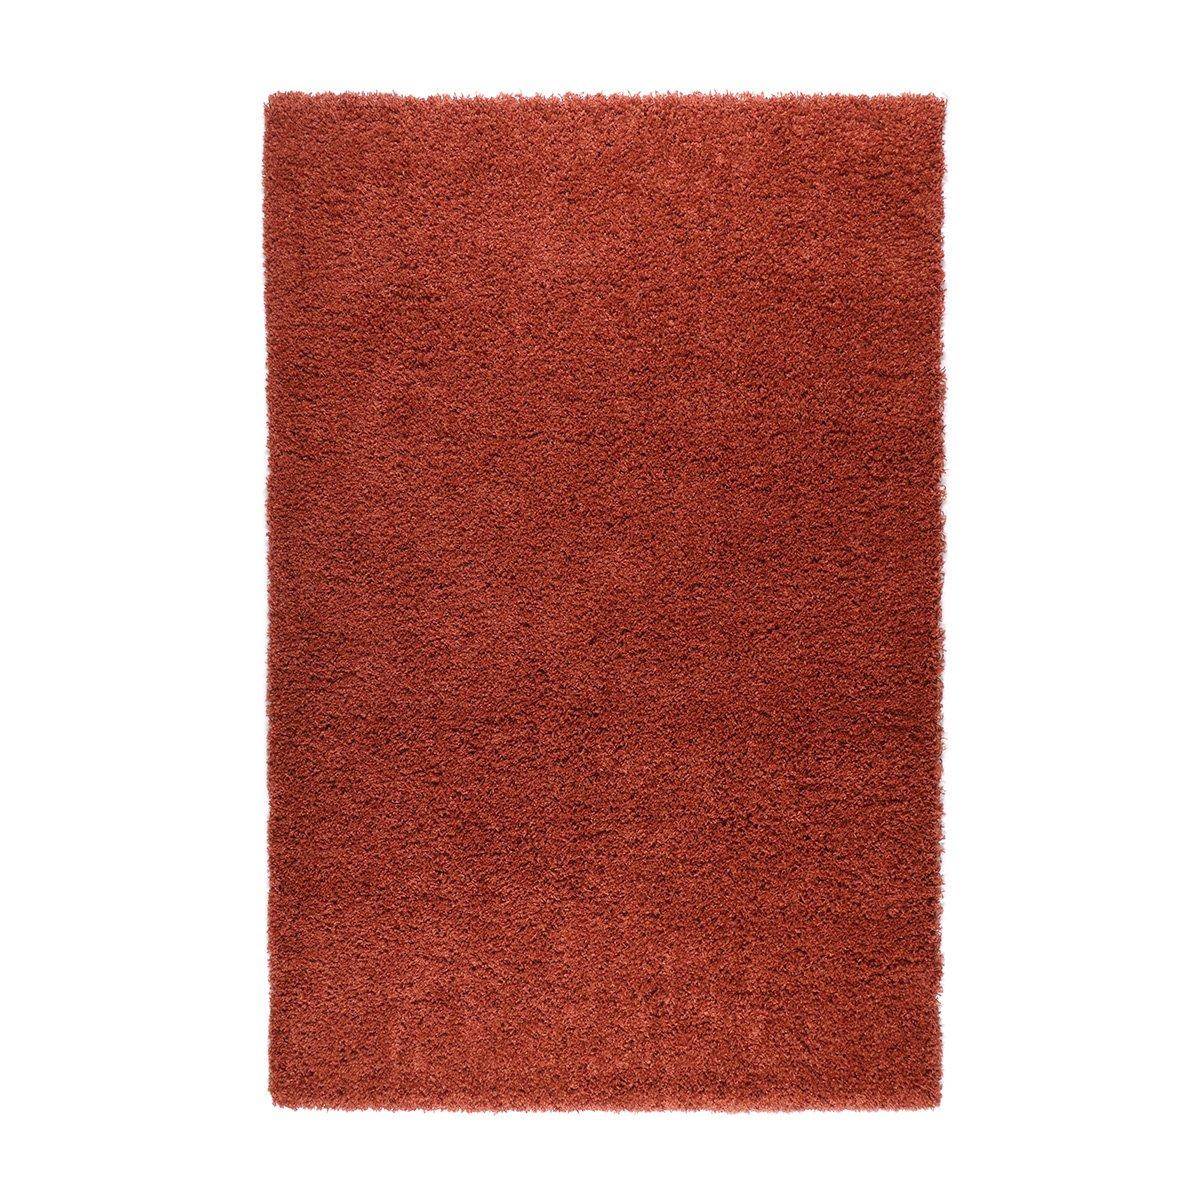 havatex Soft Shaggy Tender - Farbe wählbar | Edler Melange-Effekt | strapazierfähig robust pflegeleicht | schadstoffgeprüft Öko-Tex Siegel, Farbe:Orange, Größe:200 x 290 cm